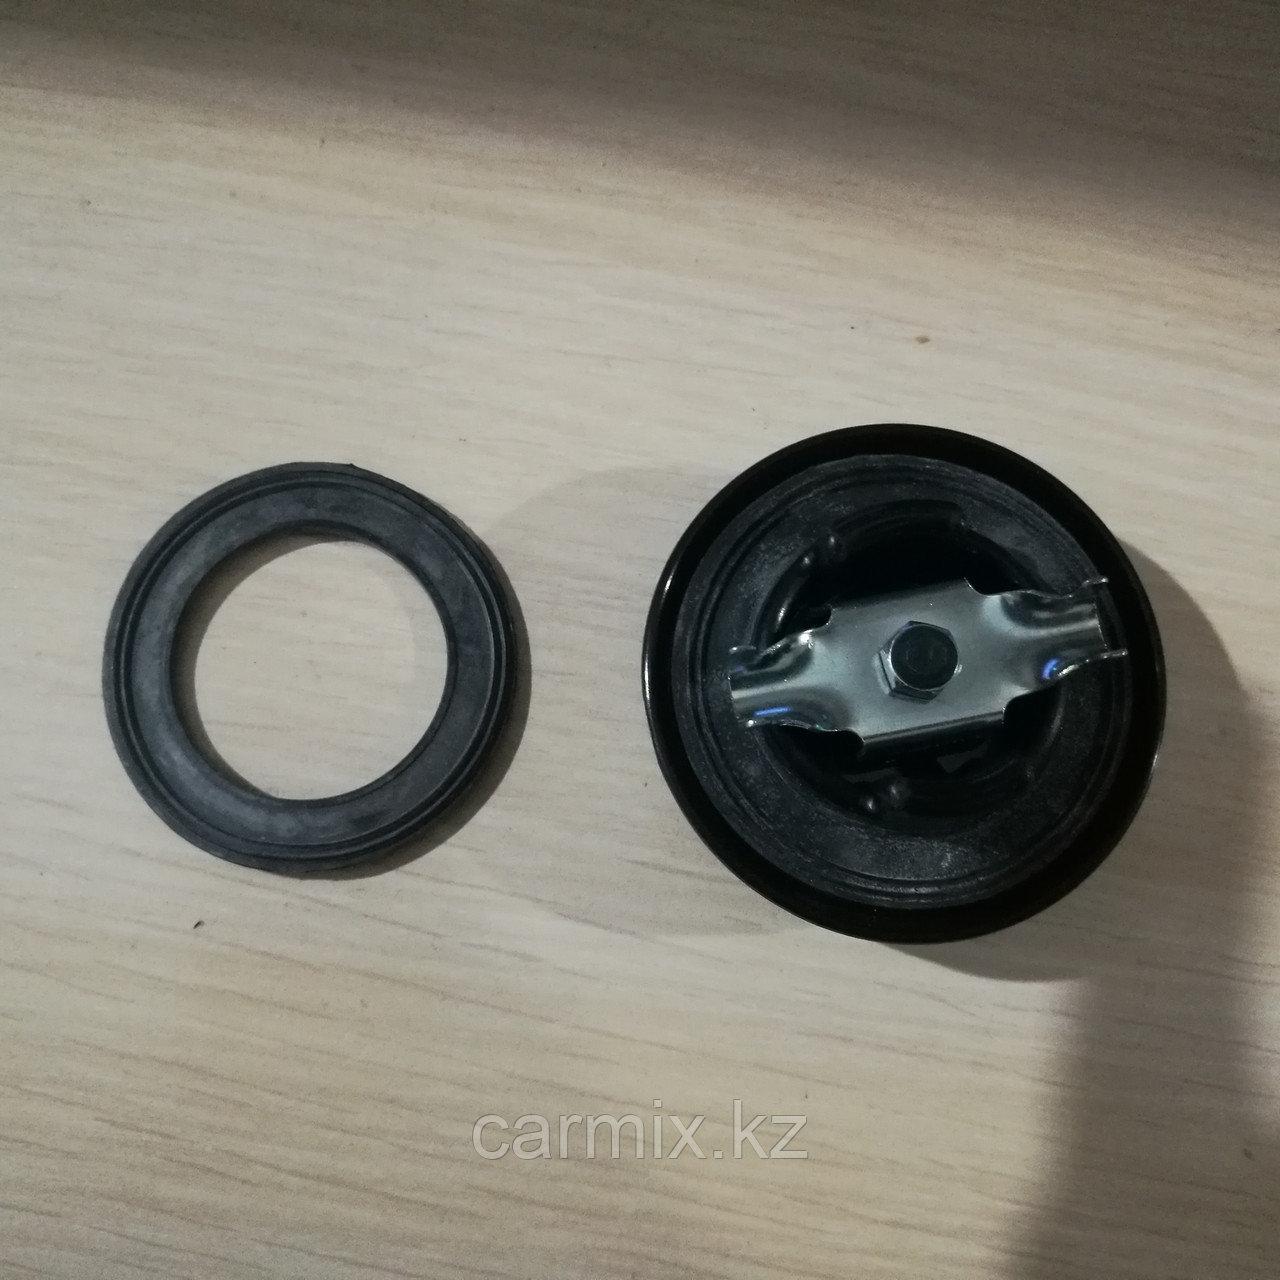 Прокладка крышки масляной двигателя (маслозаливная) MITSUBISHI